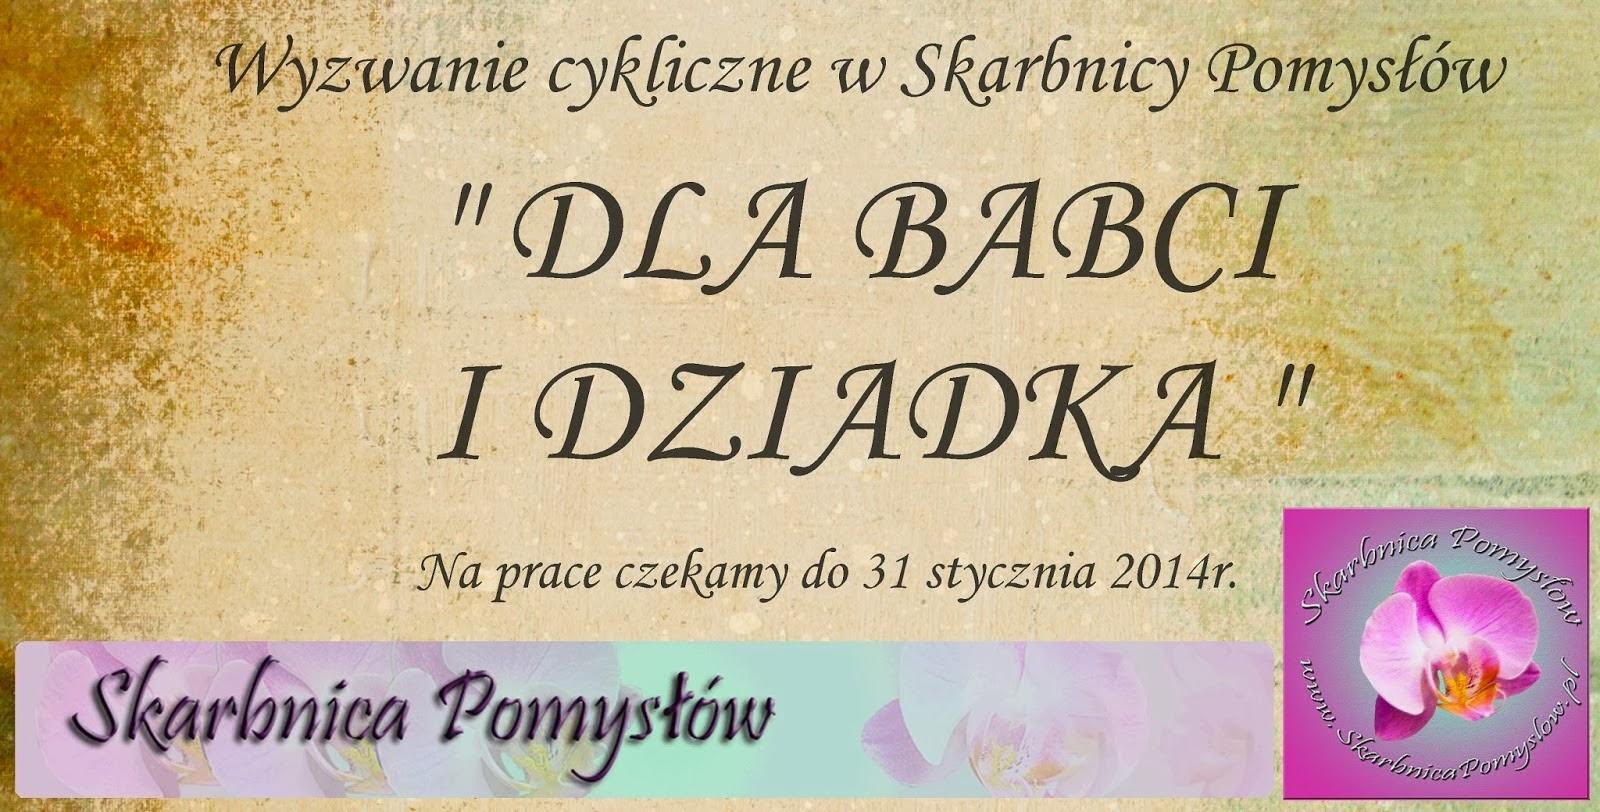 http://skarbnica-pomyslow.blogspot.com/2014/01/wyzwanie-styczniowe-dla-babci-i-dziadka.html?showComment=1389527551918#c8260612203763346672